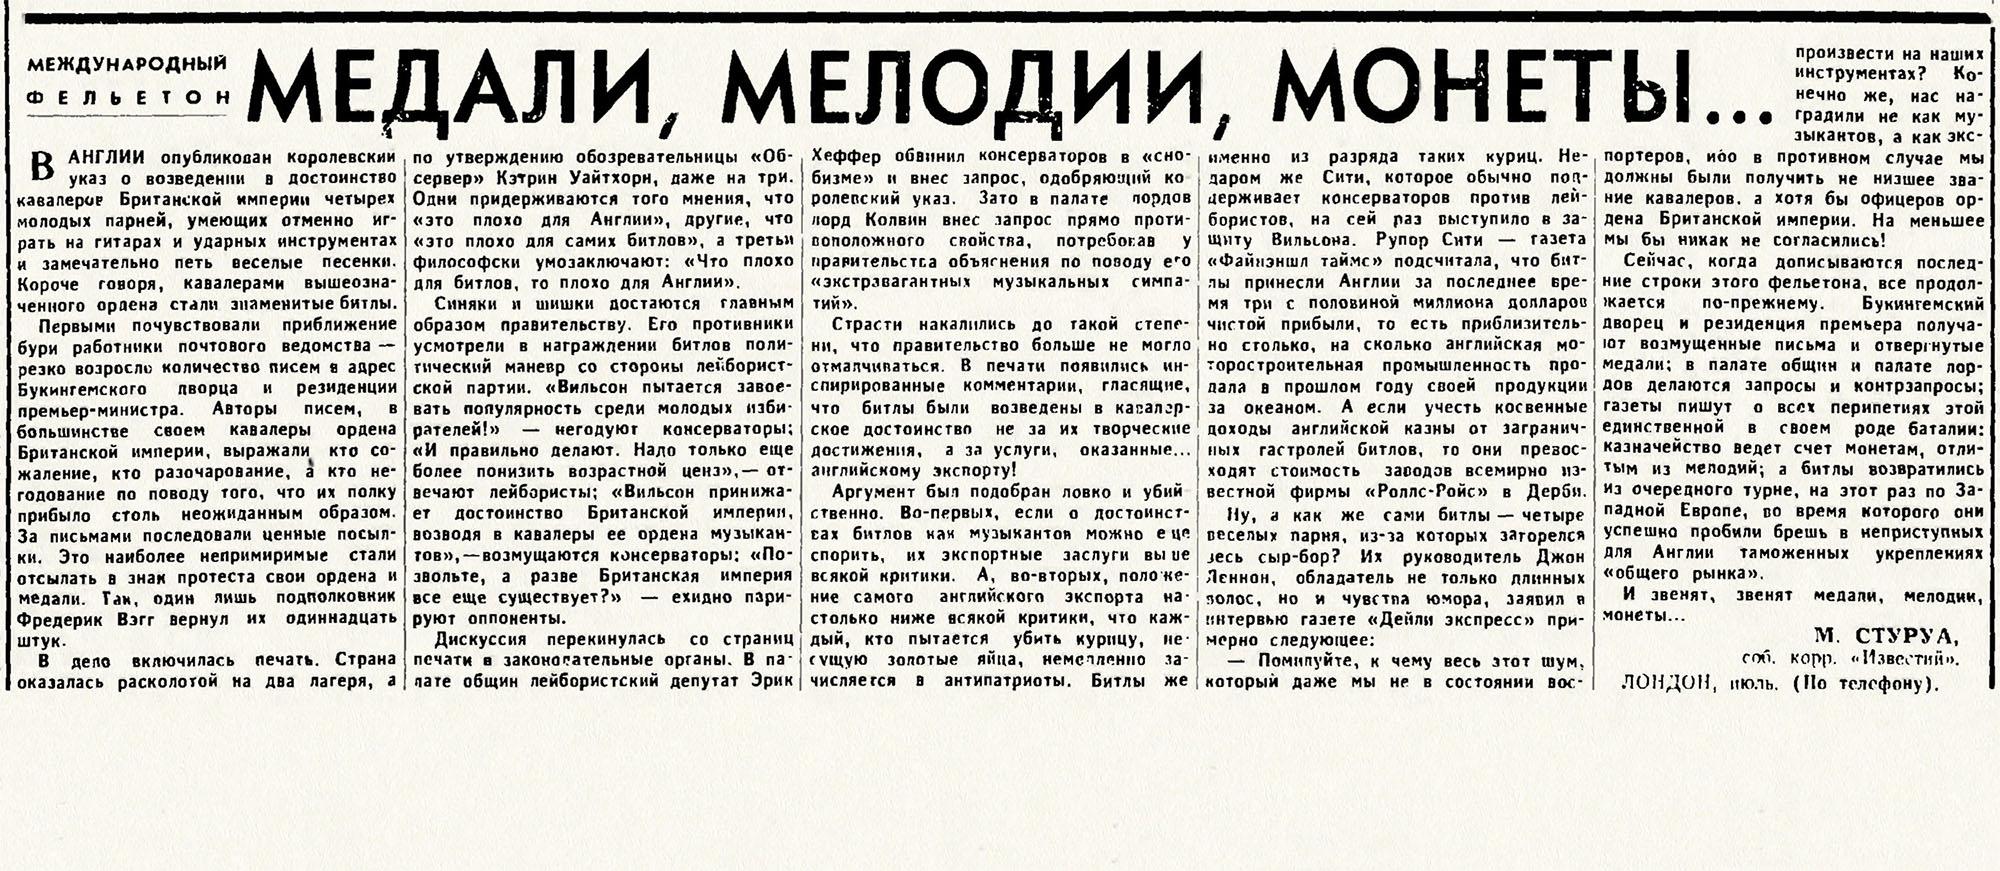 Упоминания группы «Битлз» в печатных изданиях СССР